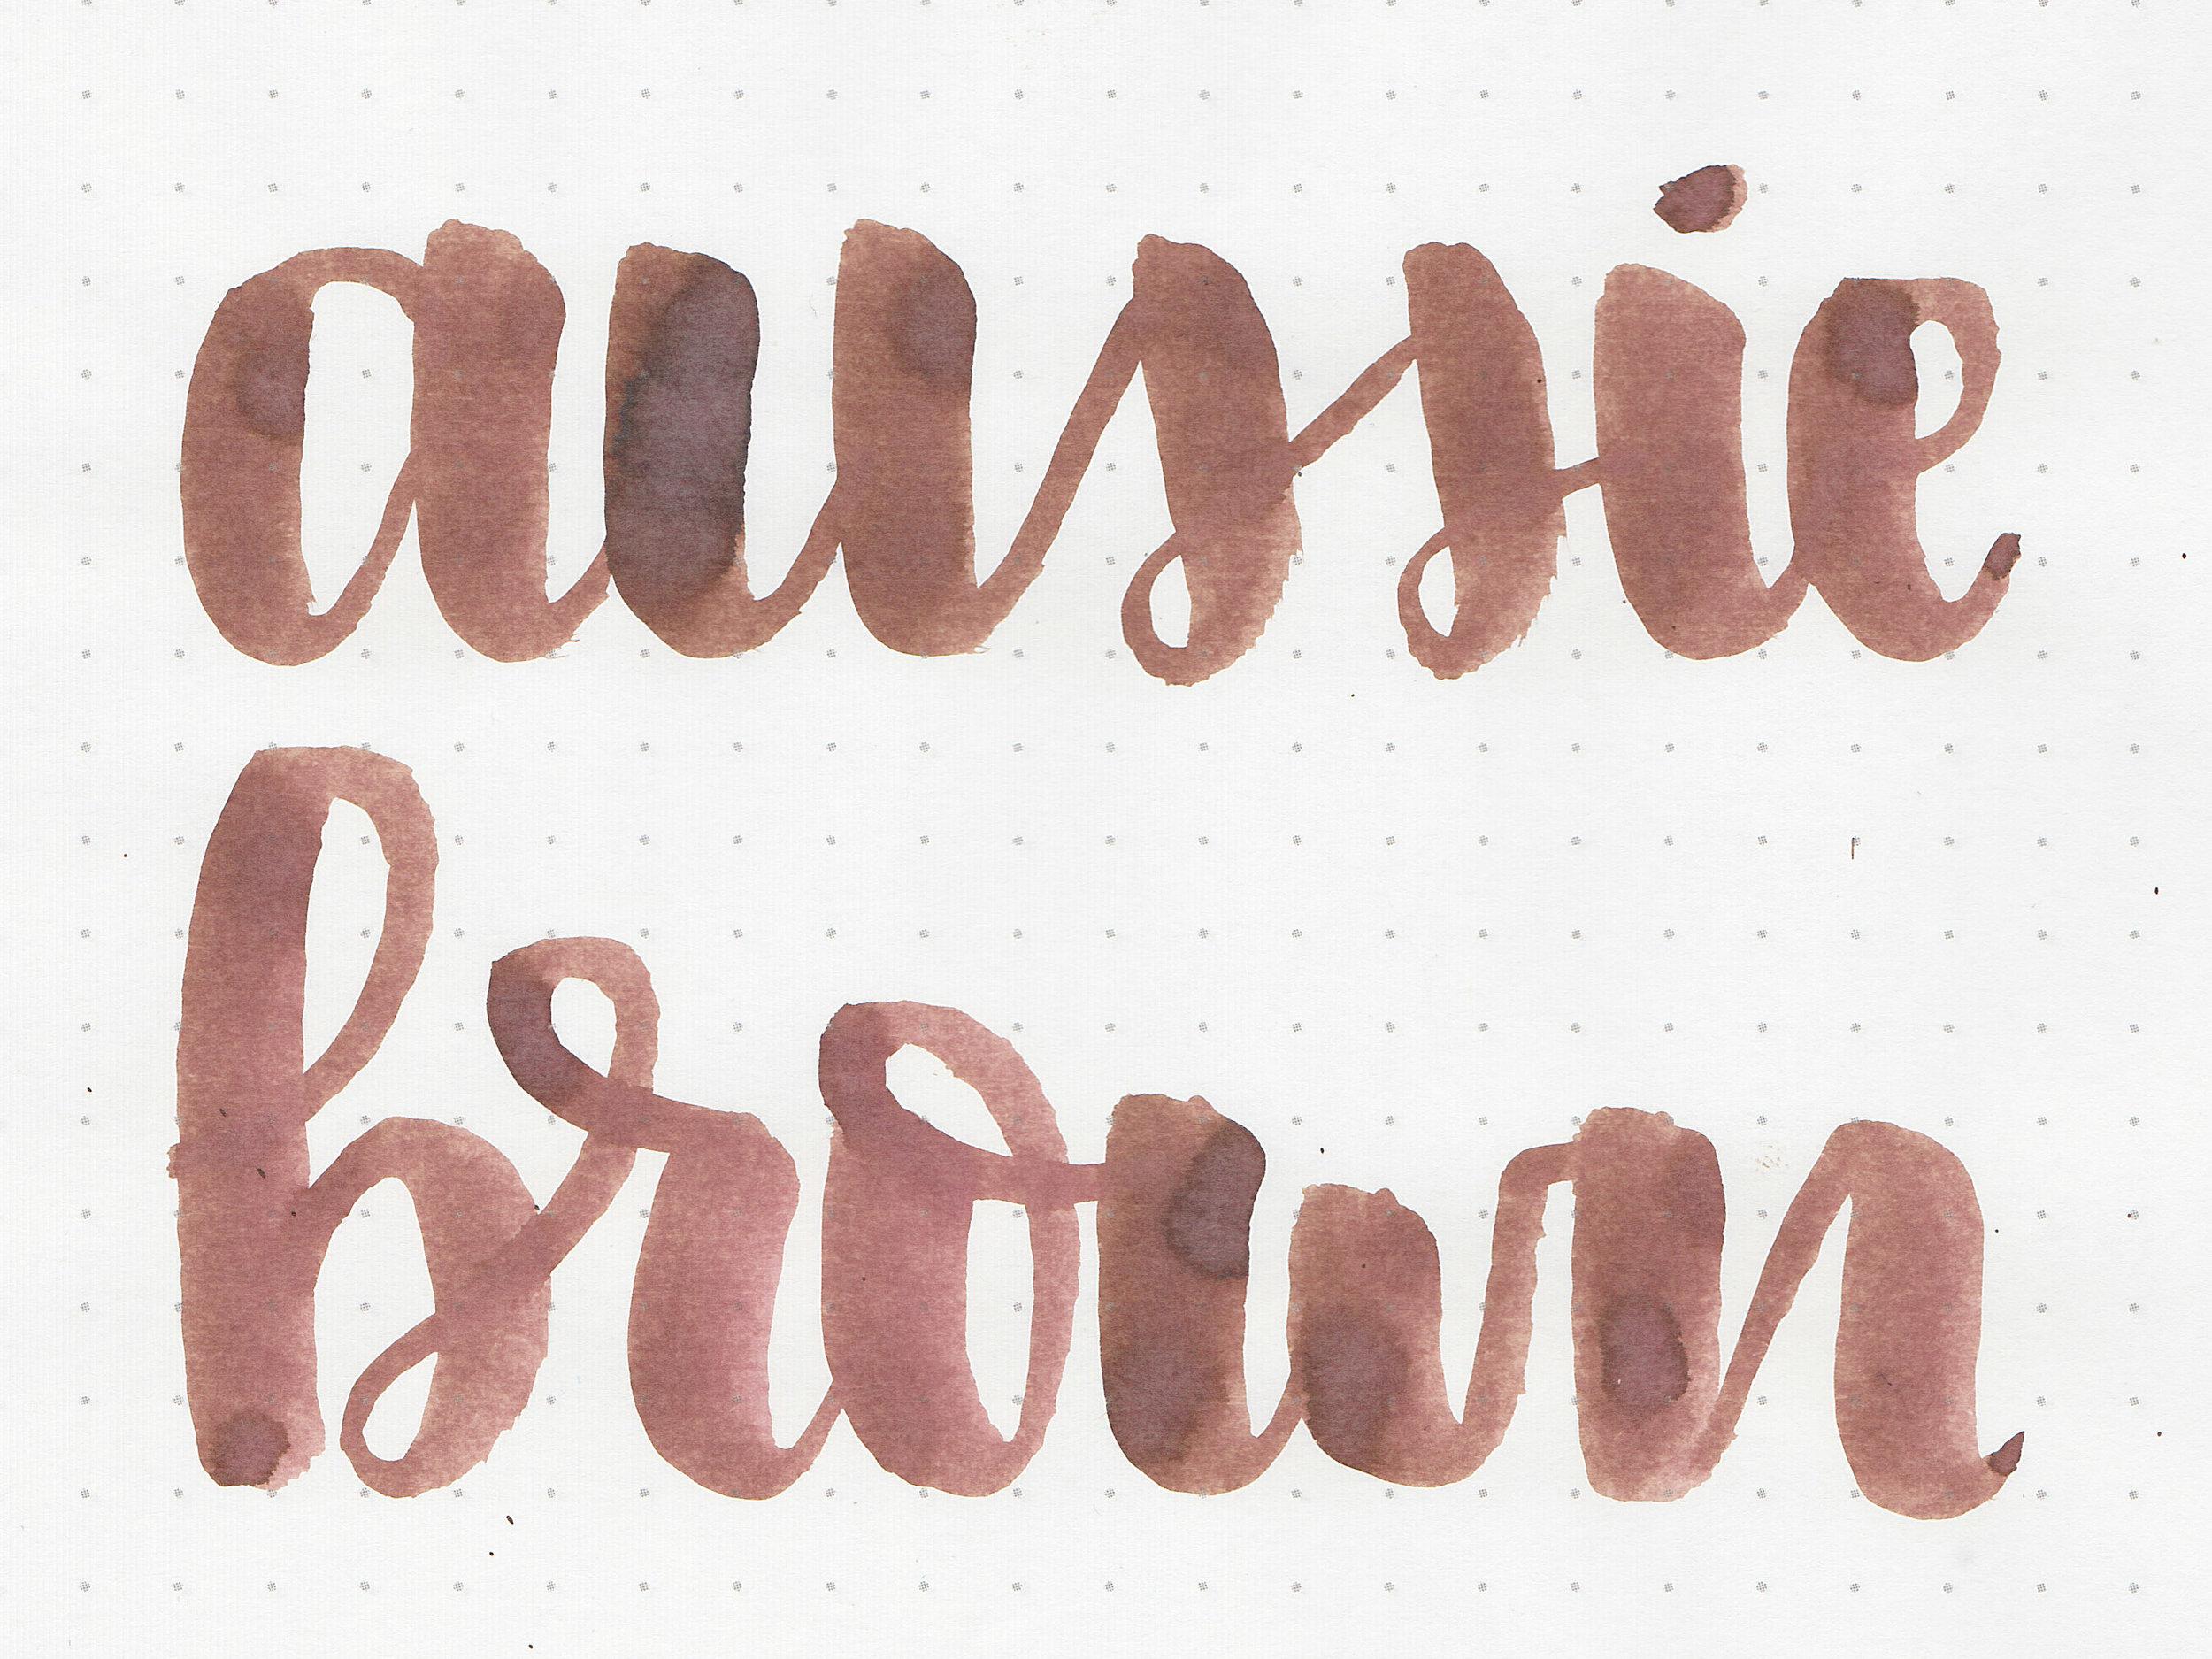 ro-aussie-brown-2.jpg